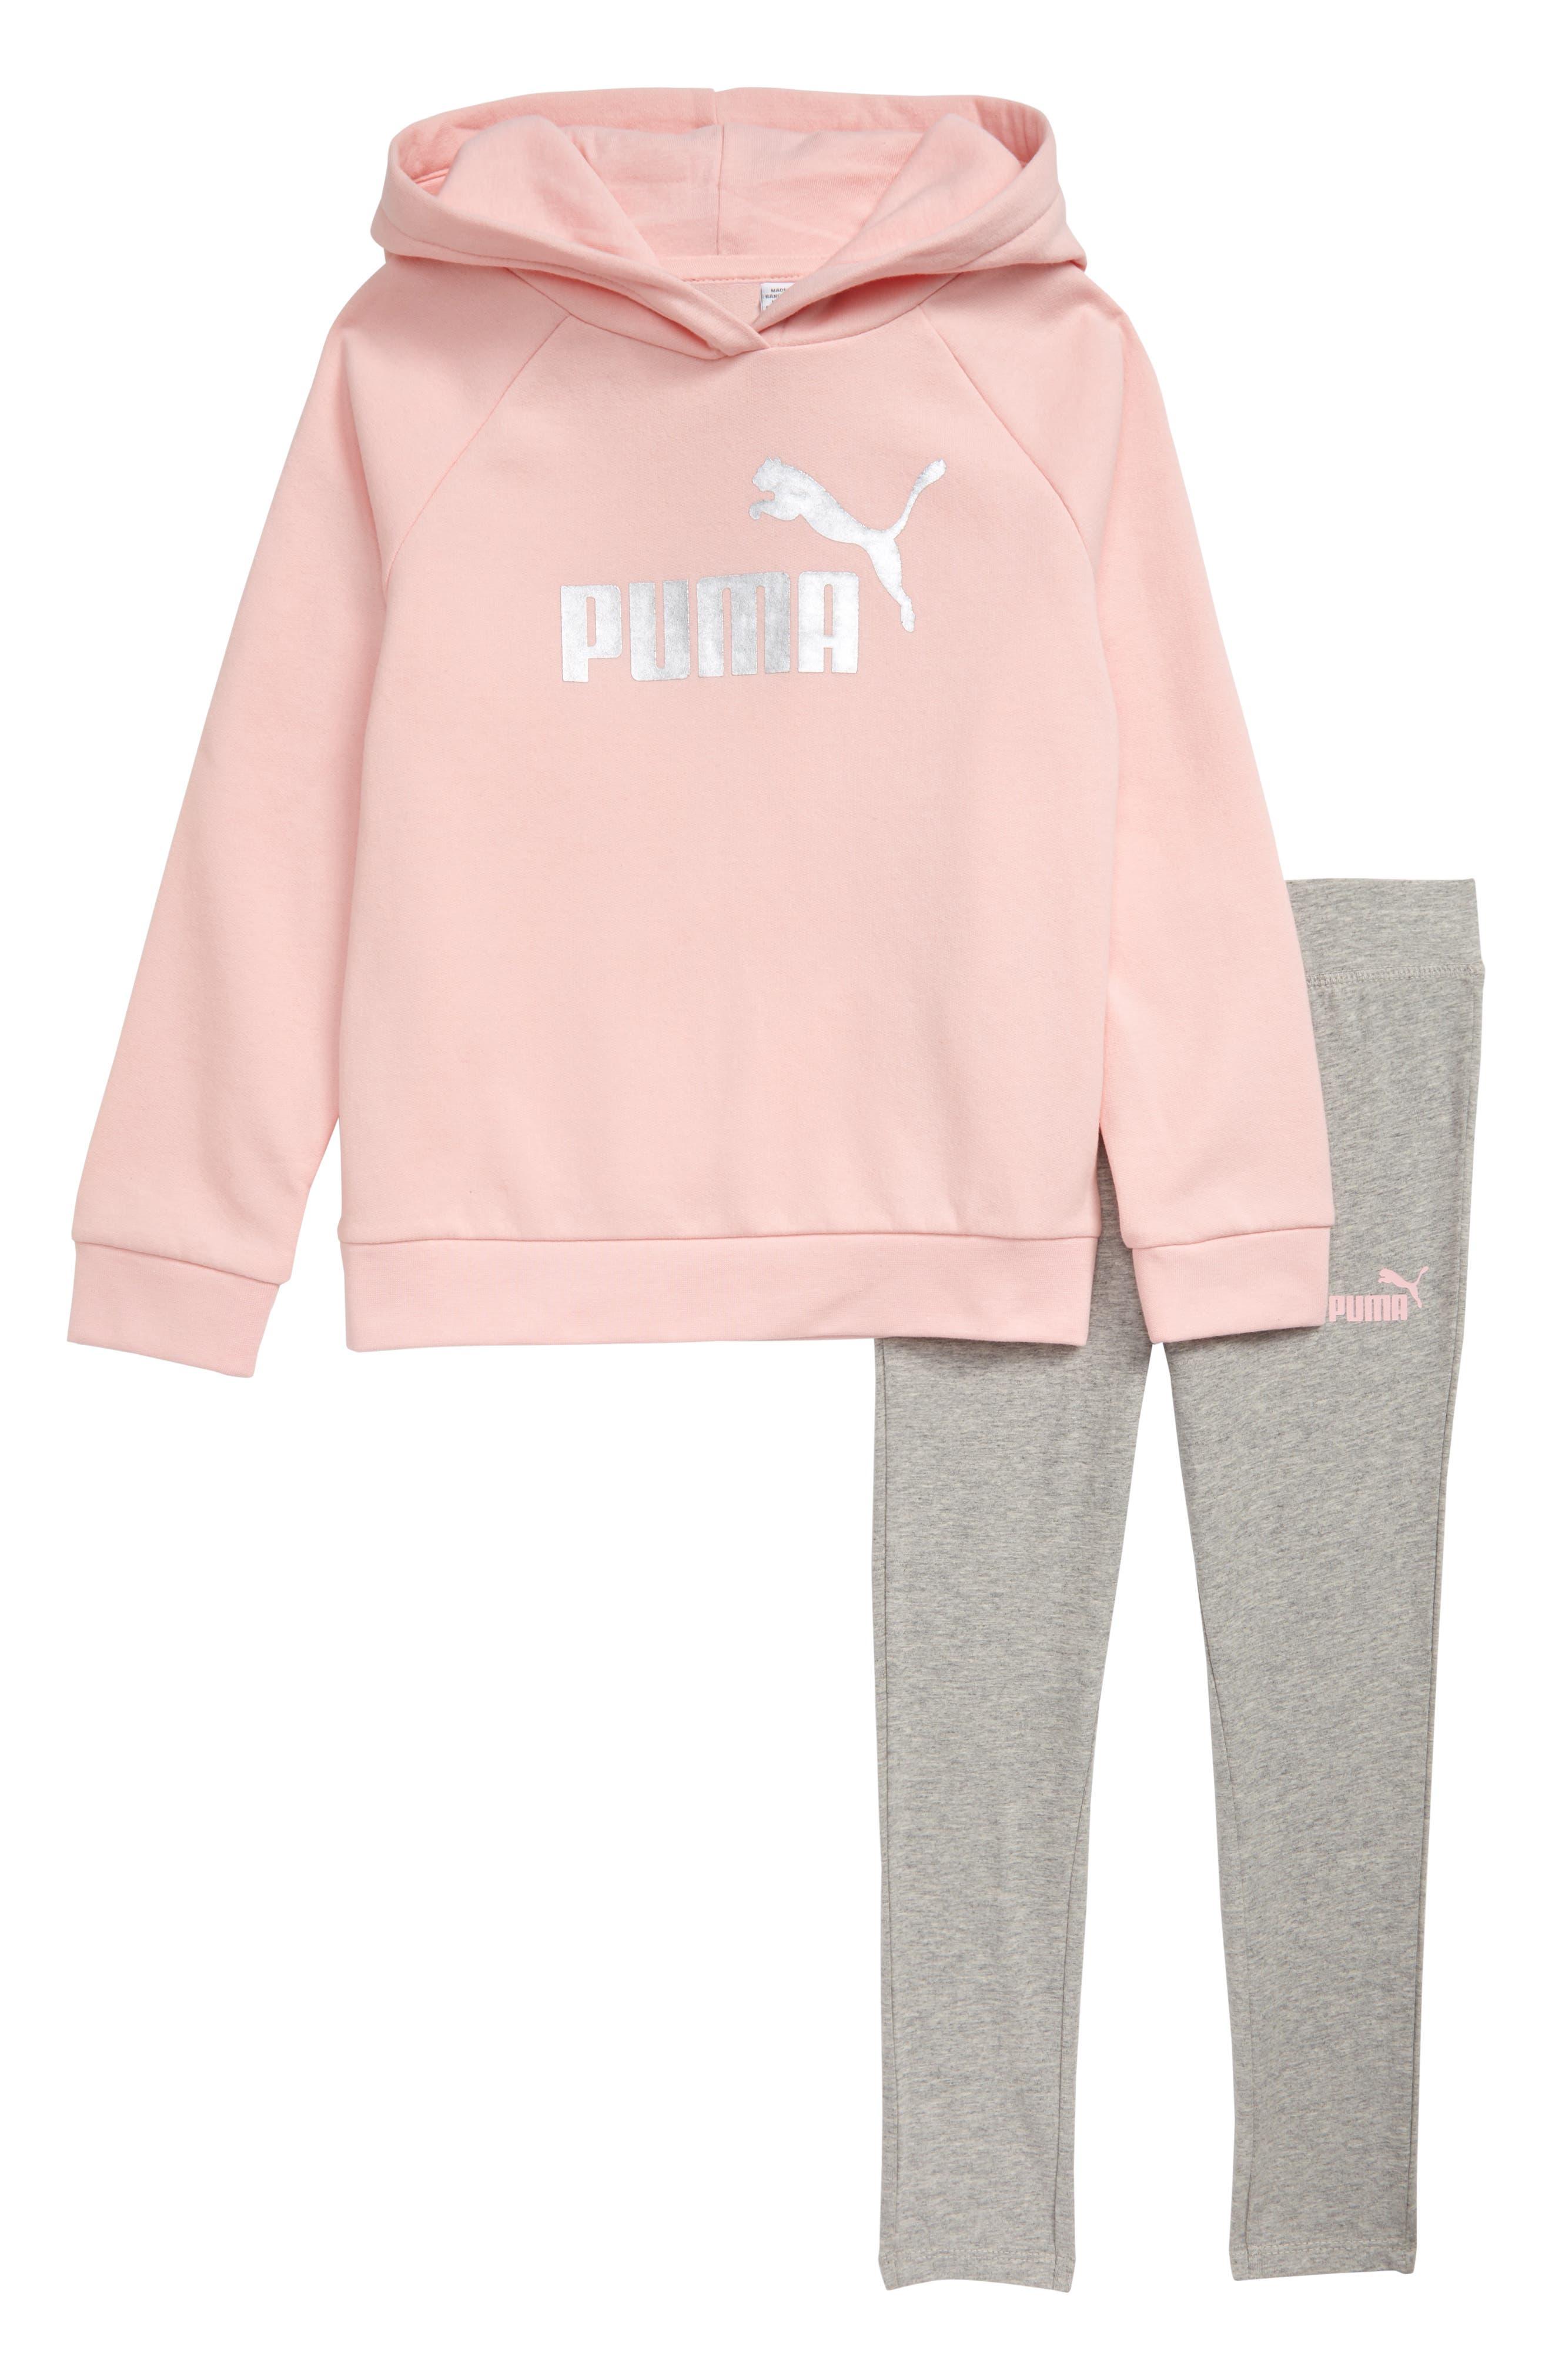 Girls Puma Fleece Hoodie  Leggings Set